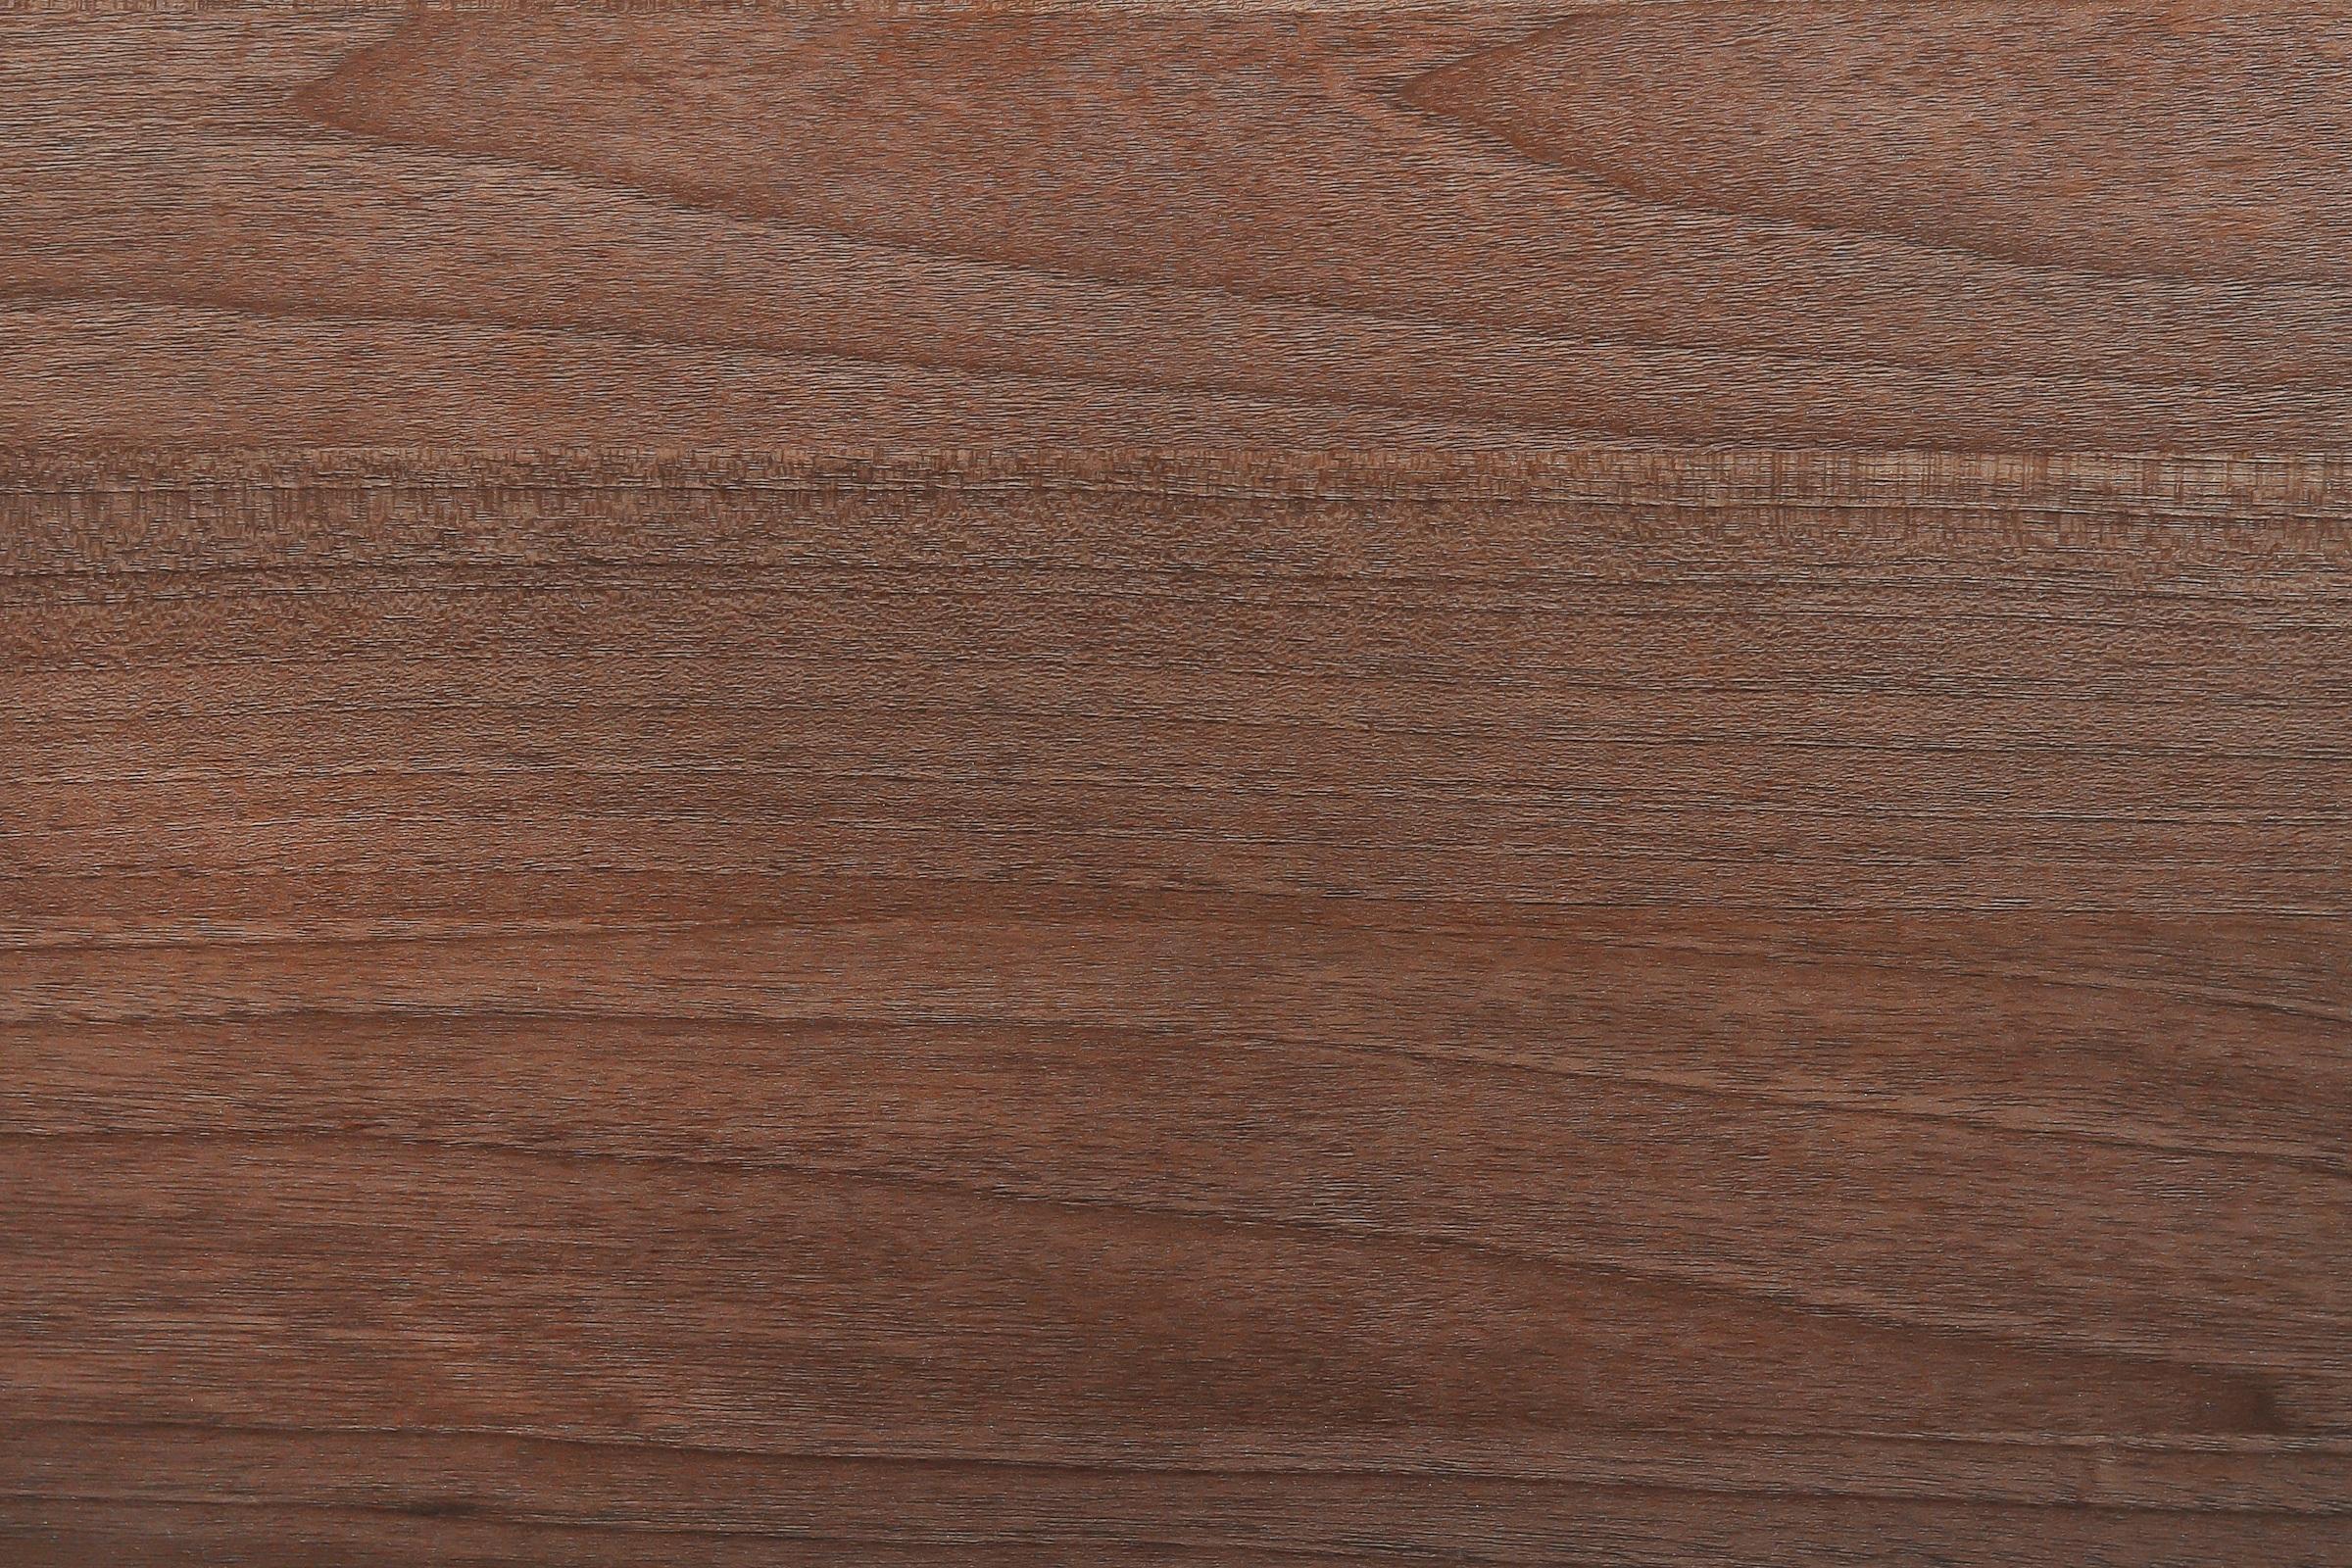 Images gratuites texture planche clair lisse marron - Texture bois clair ...